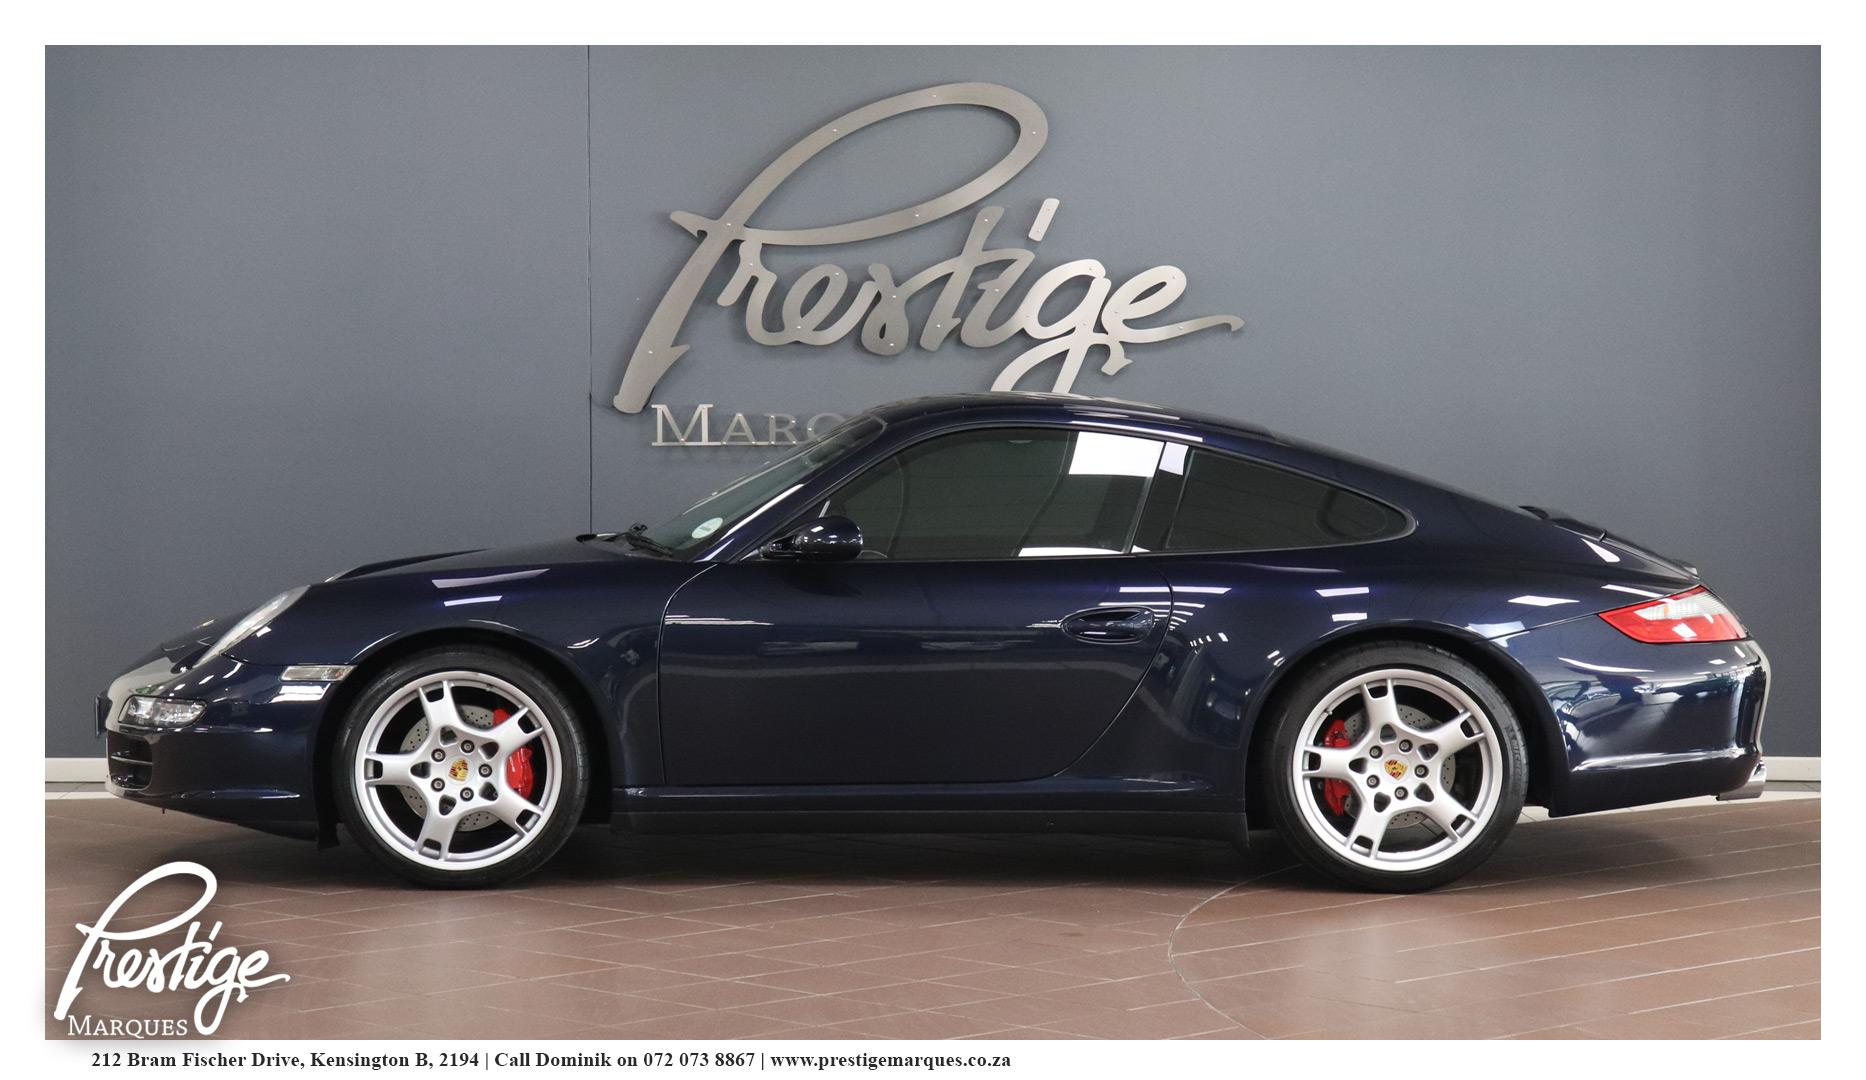 2007-Porsche-911-997-Carerra-4s-manual-prestige-marques-randburg-sandton-7